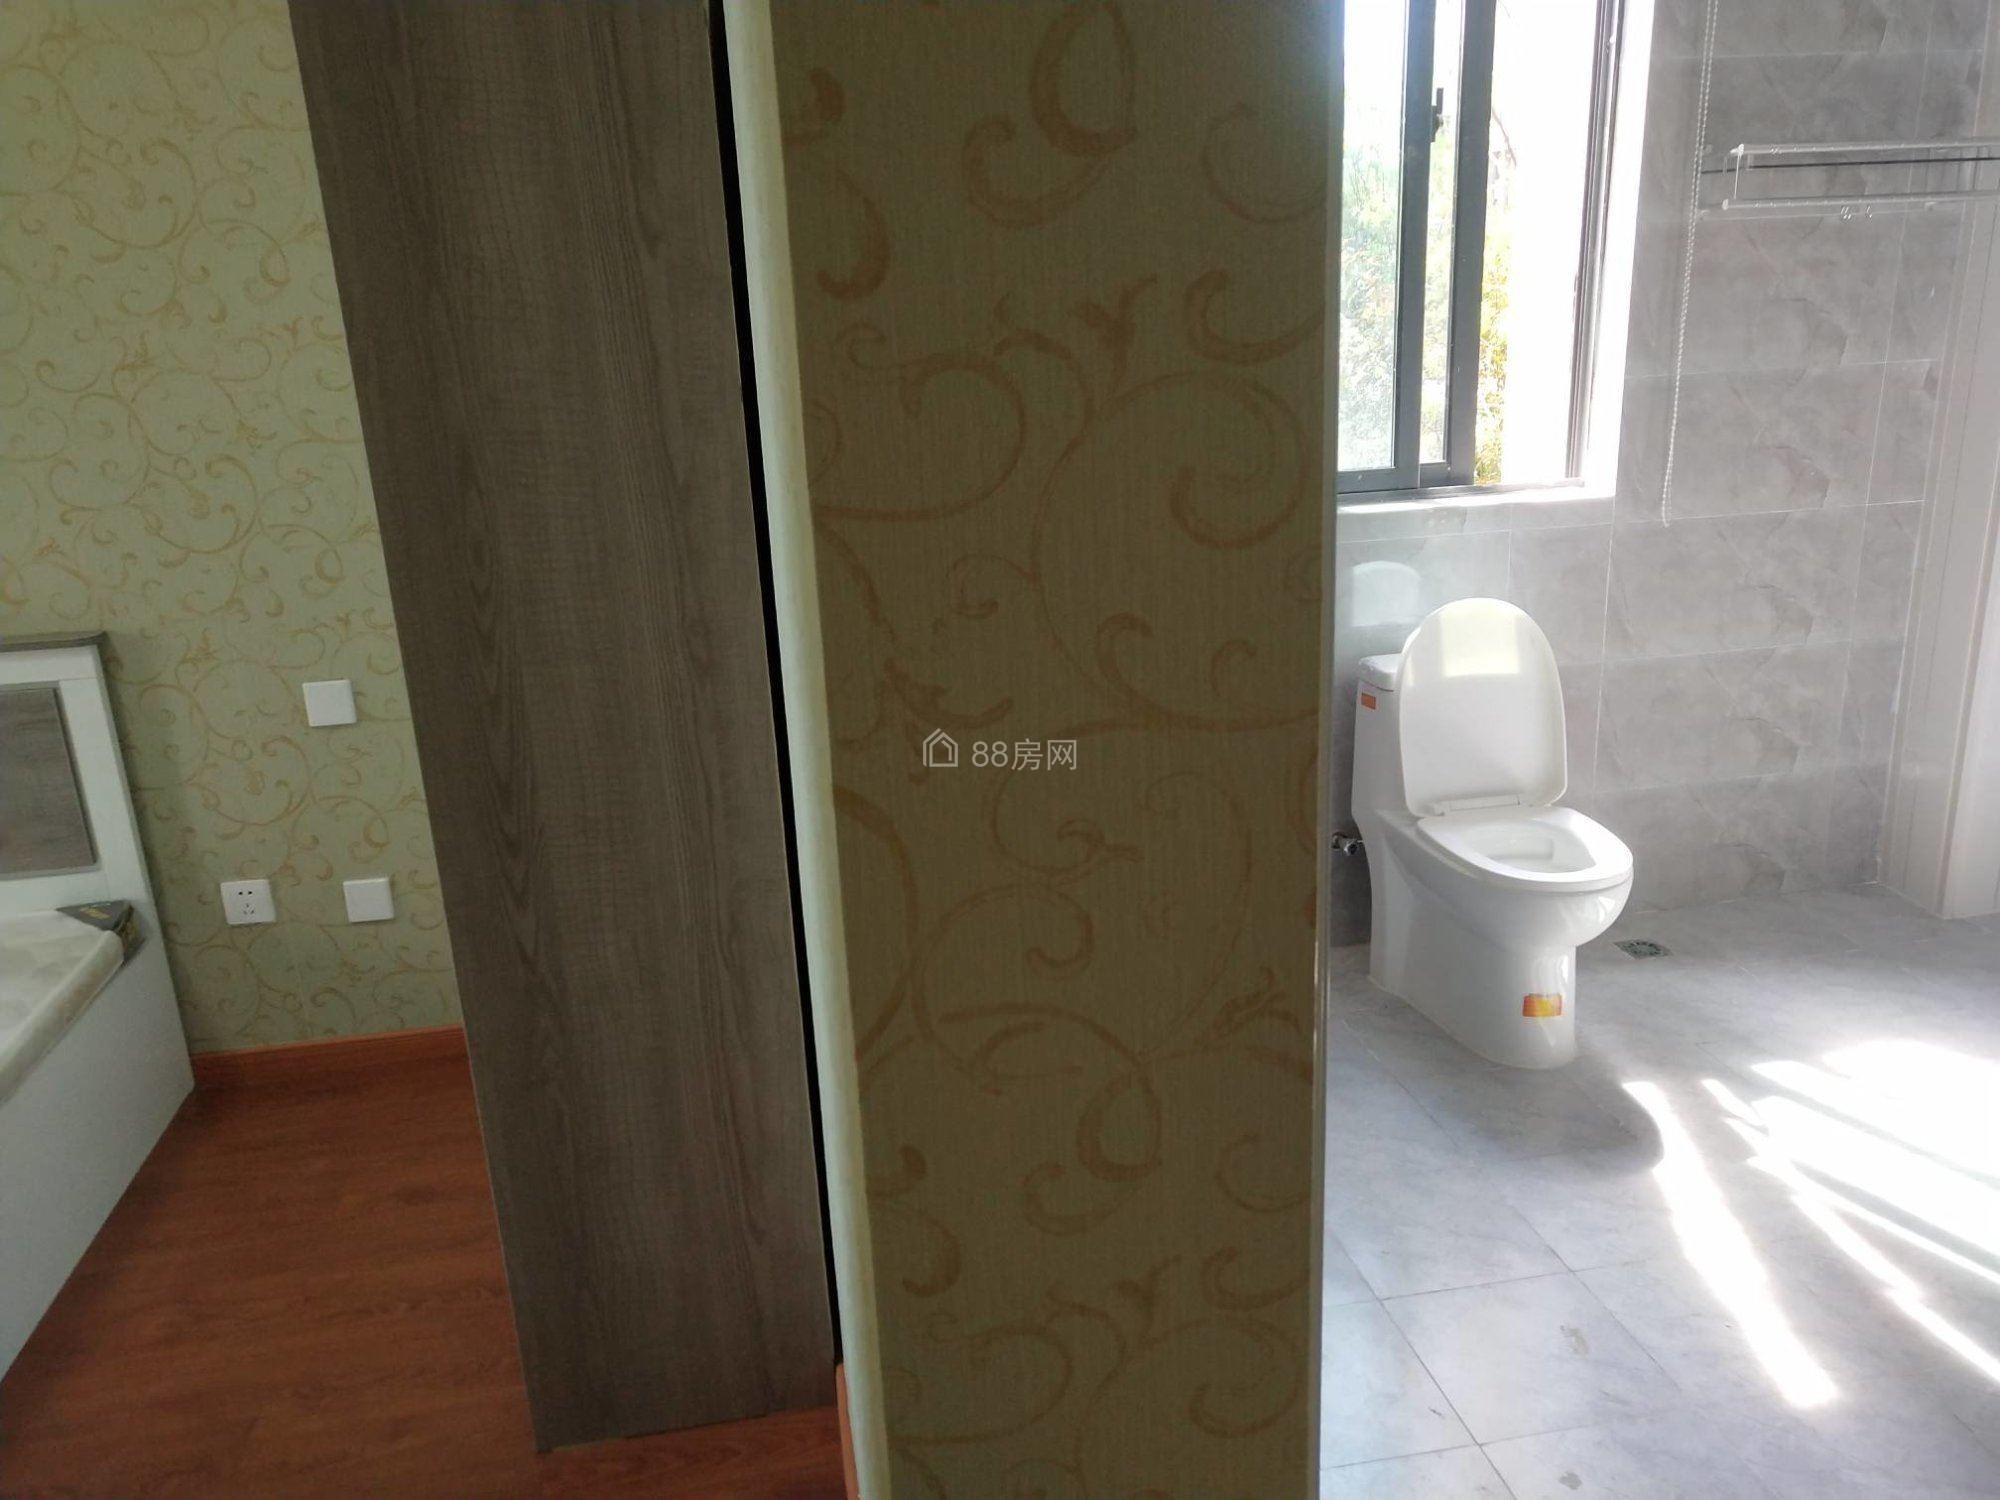 宝能城(二期) 银泰旁 独卫个人直租 宽带 家电齐全房间干净